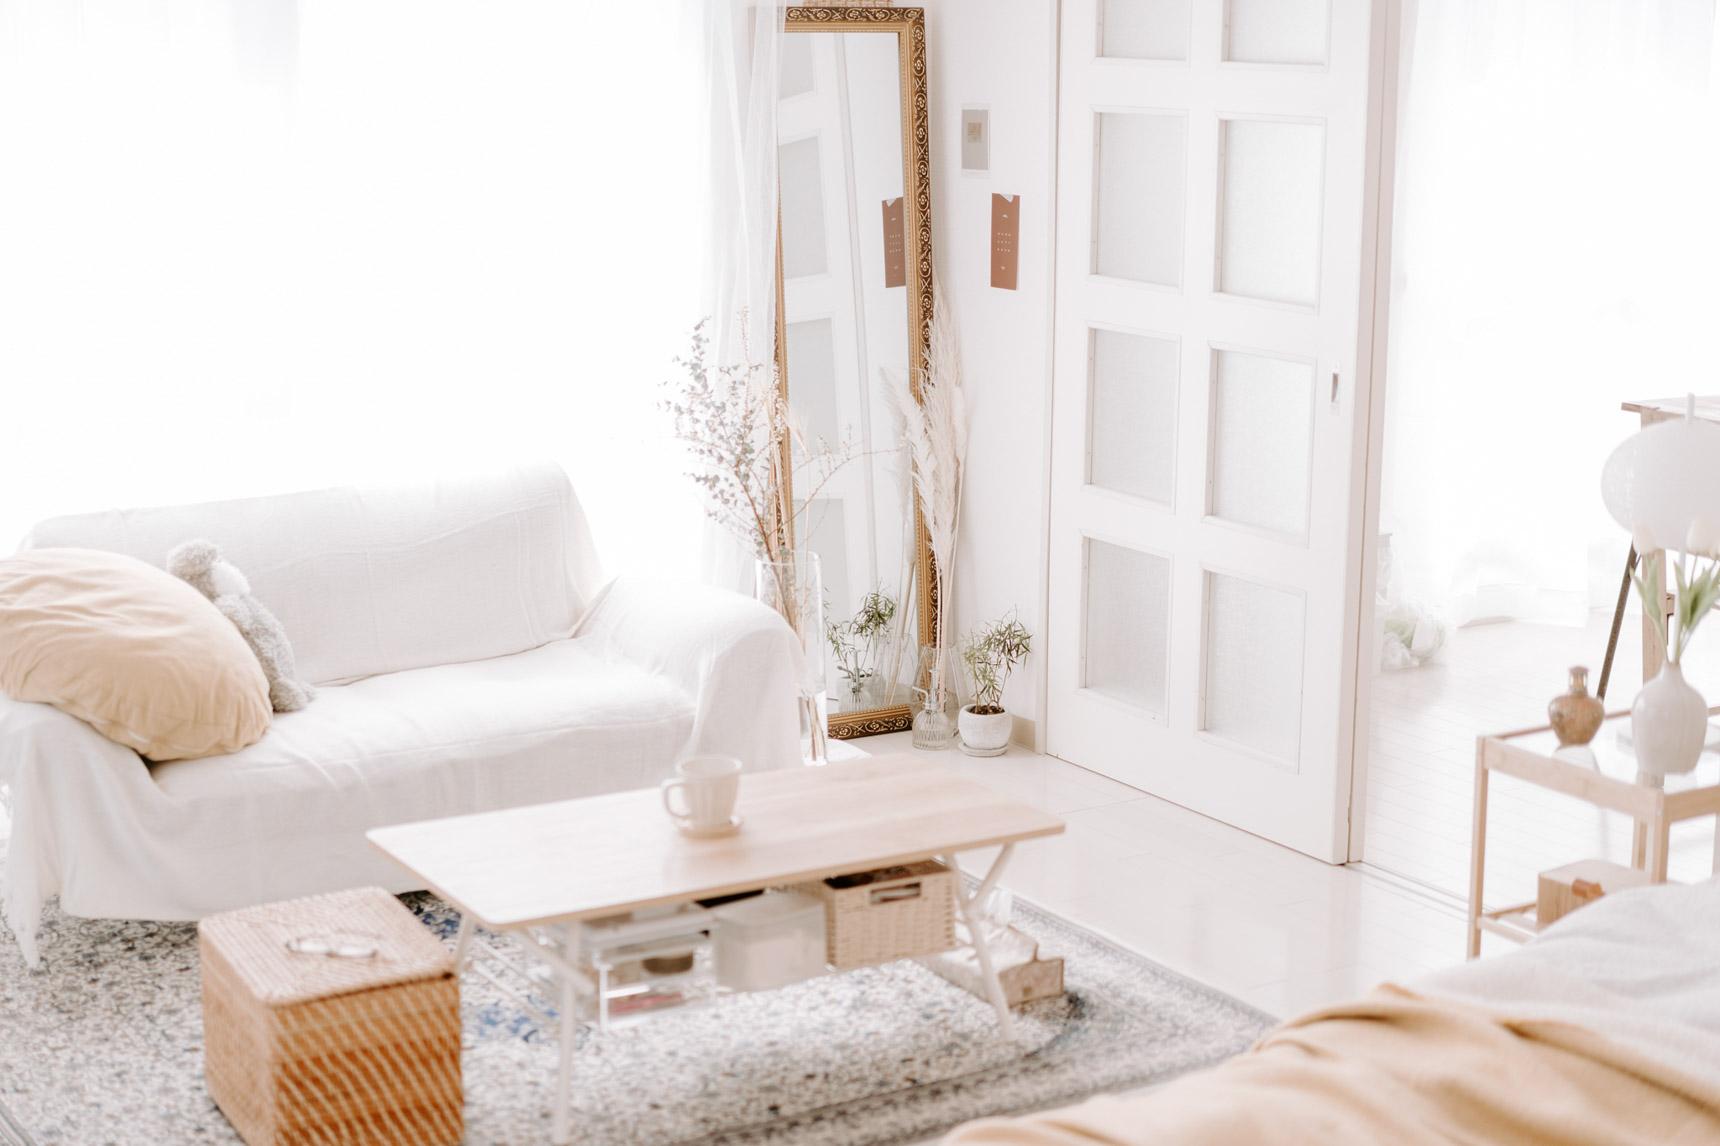 ソファに布をかけて使えば、お手入れも簡単、気軽にインテリアの印象を変えることもできます。(このお部屋はこちら)